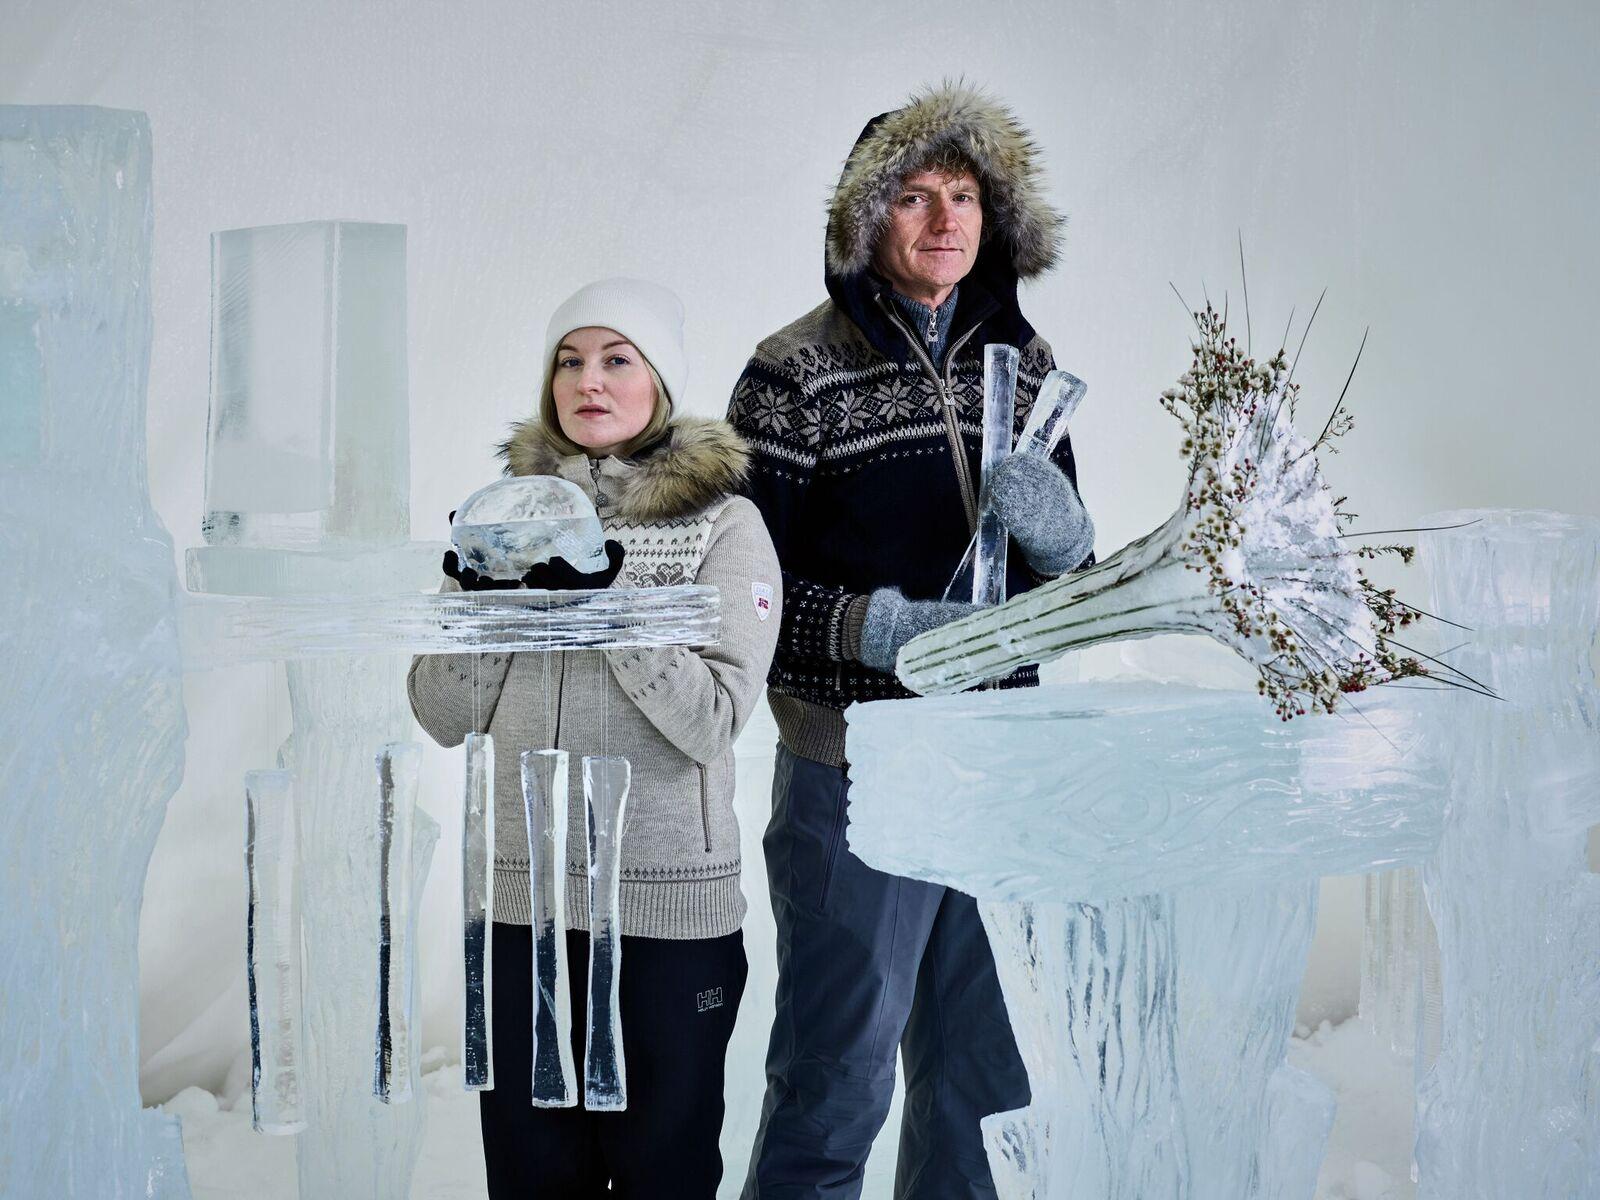 氷の楽器奏者 Terje Isungset - ニュース拡散_e0081206_11422391.jpg